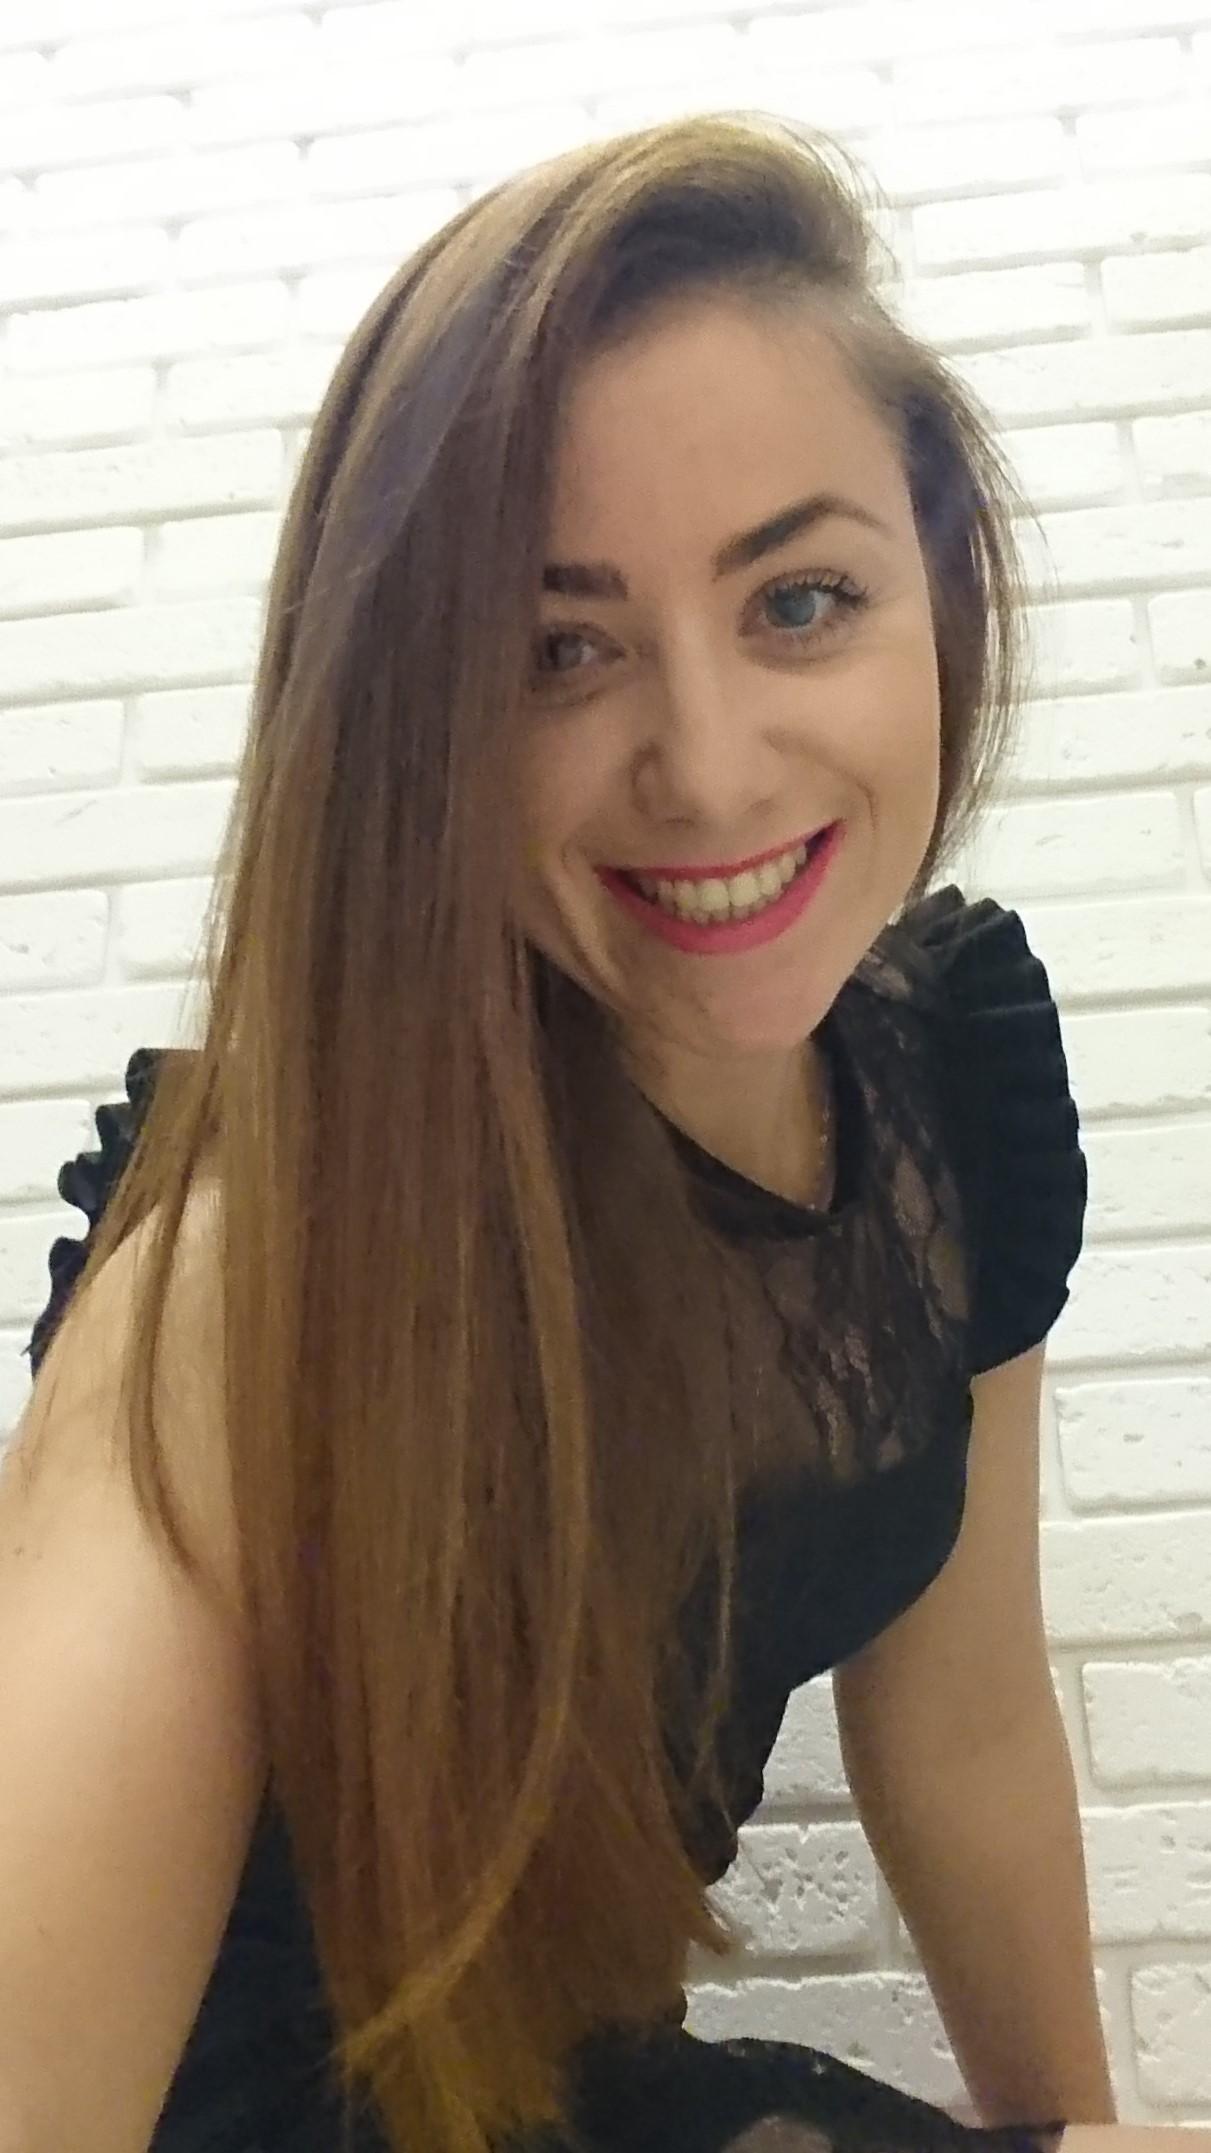 Автонділова Анна